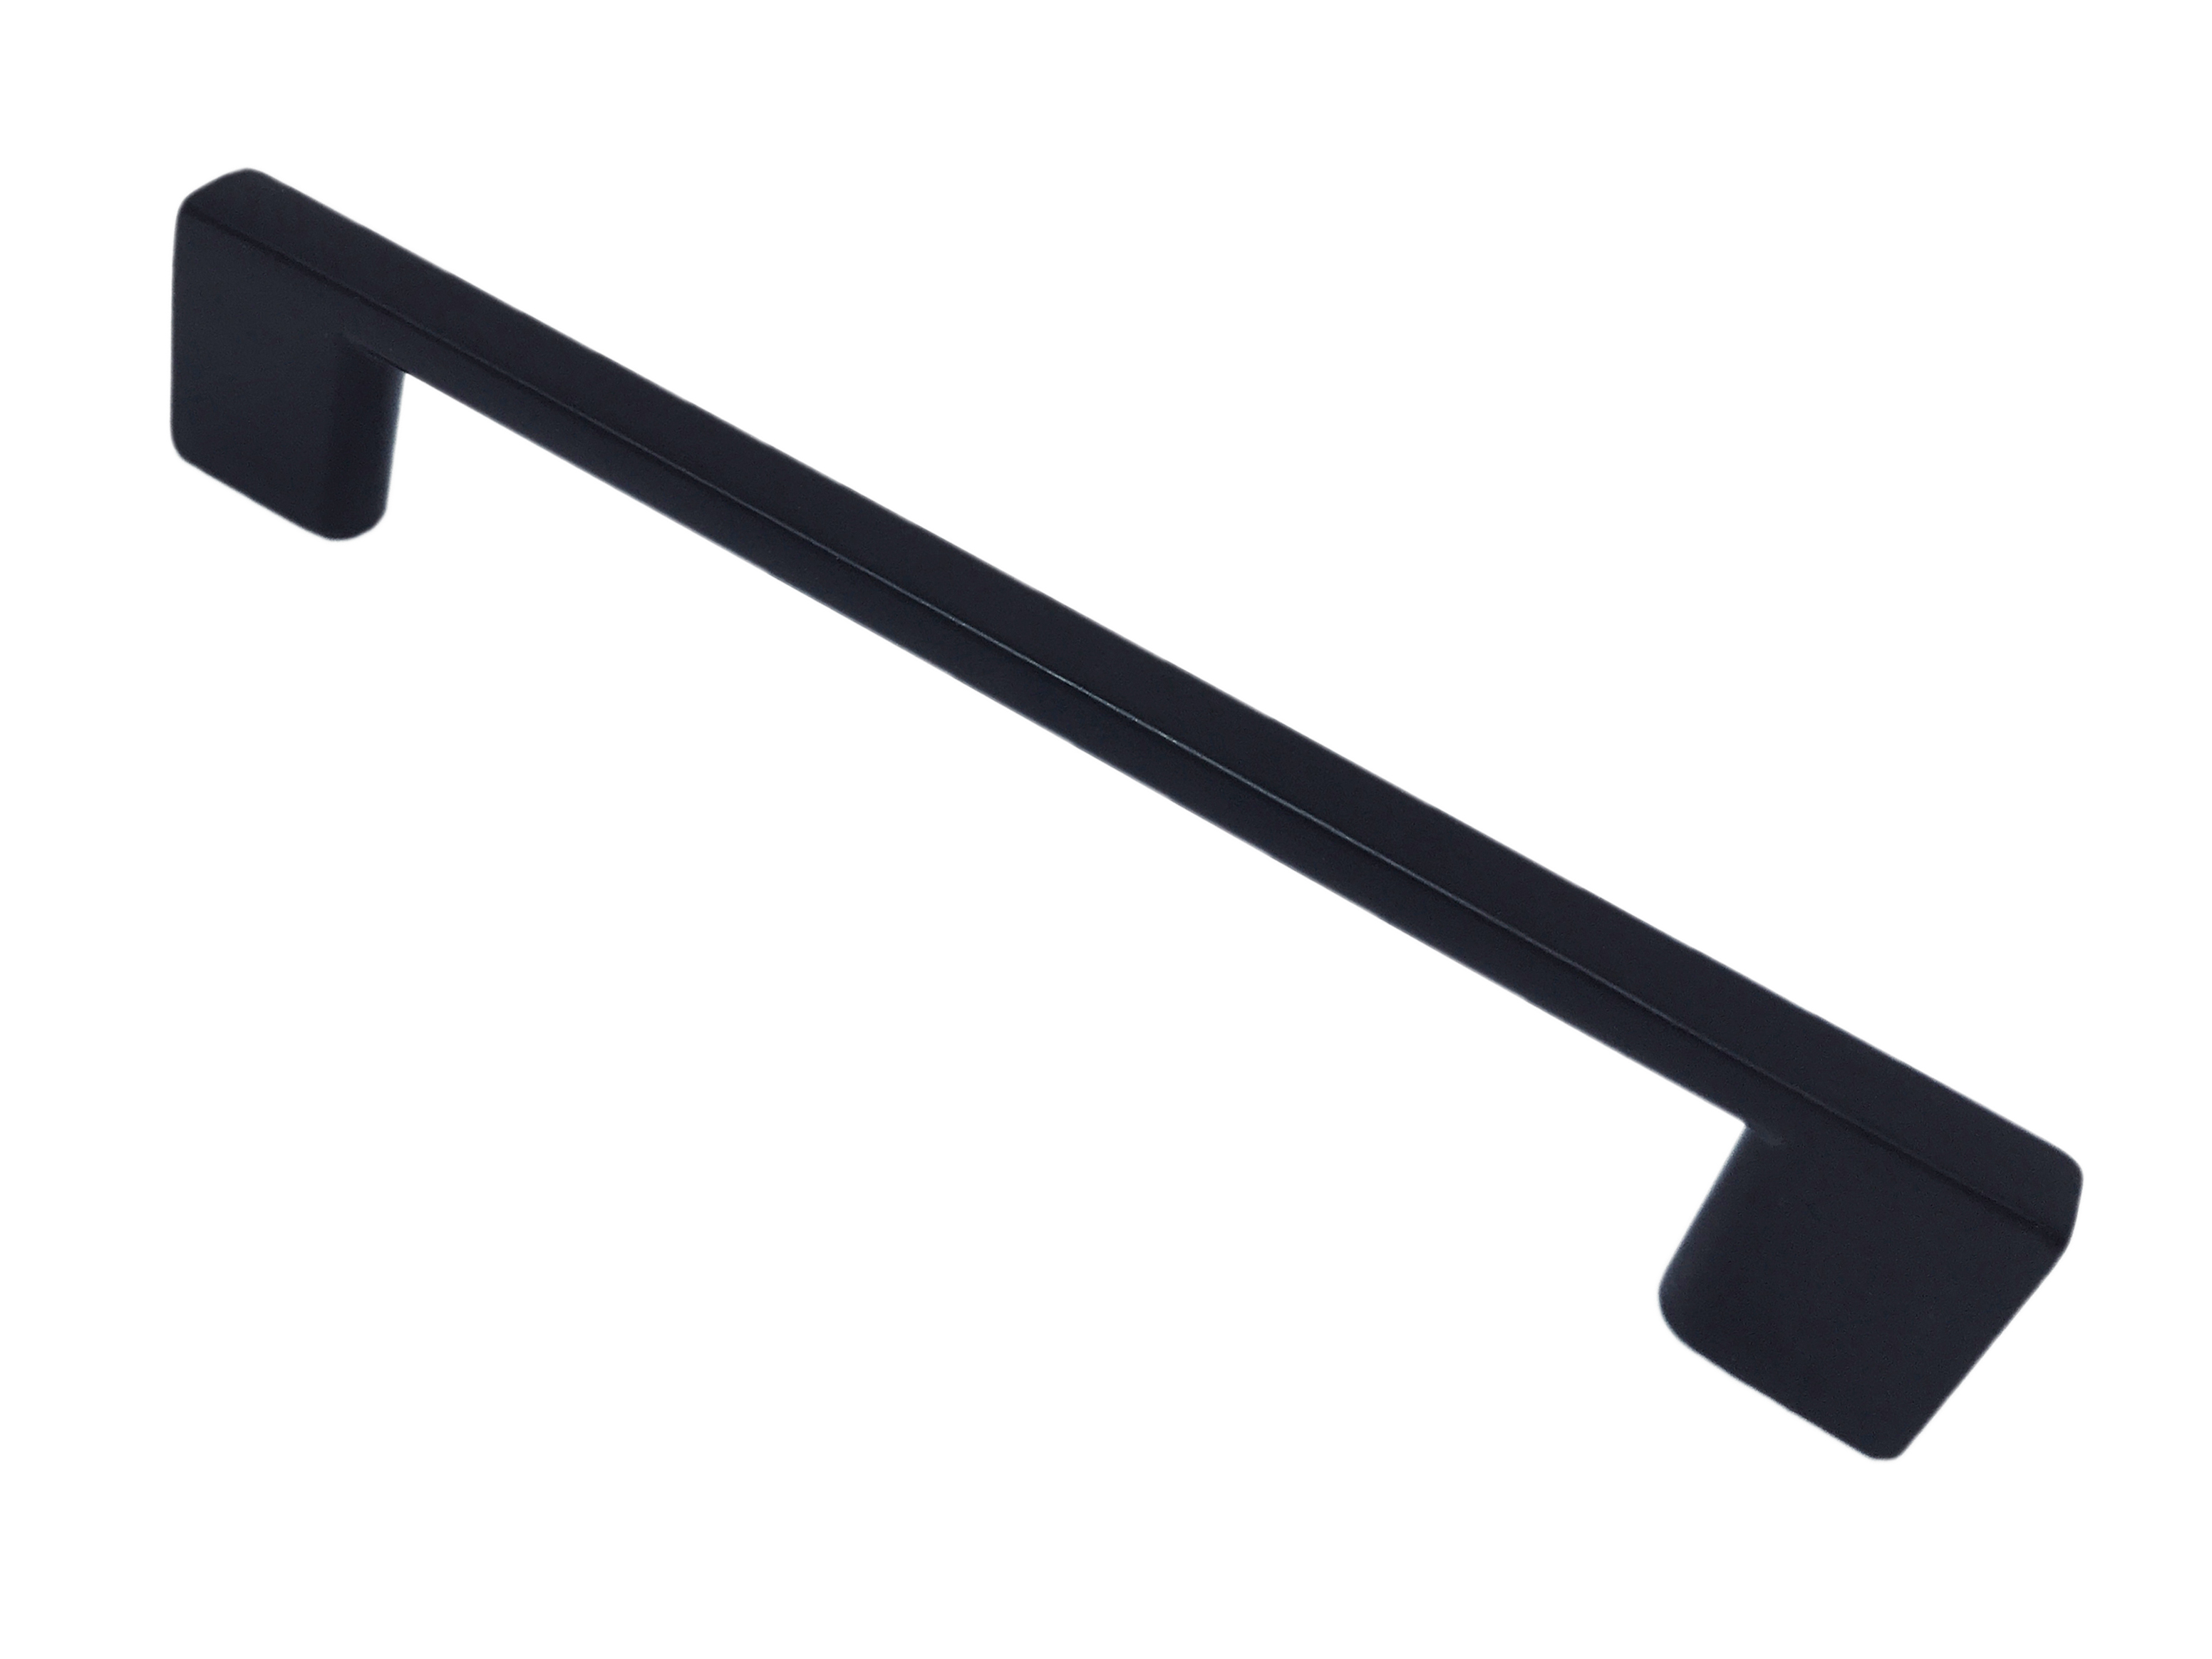 Ручка-скоба 1165 L-192мм Черная матовая